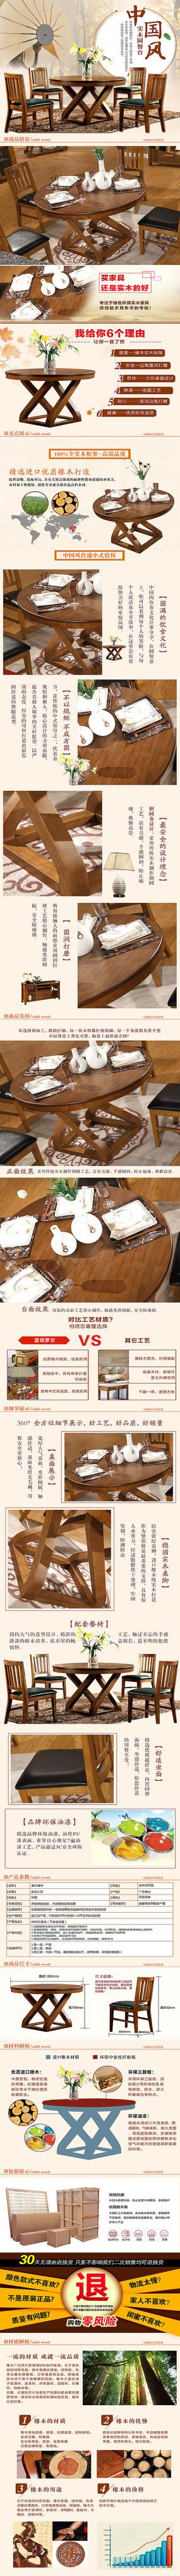 中国风餐厅实木桌详情设计